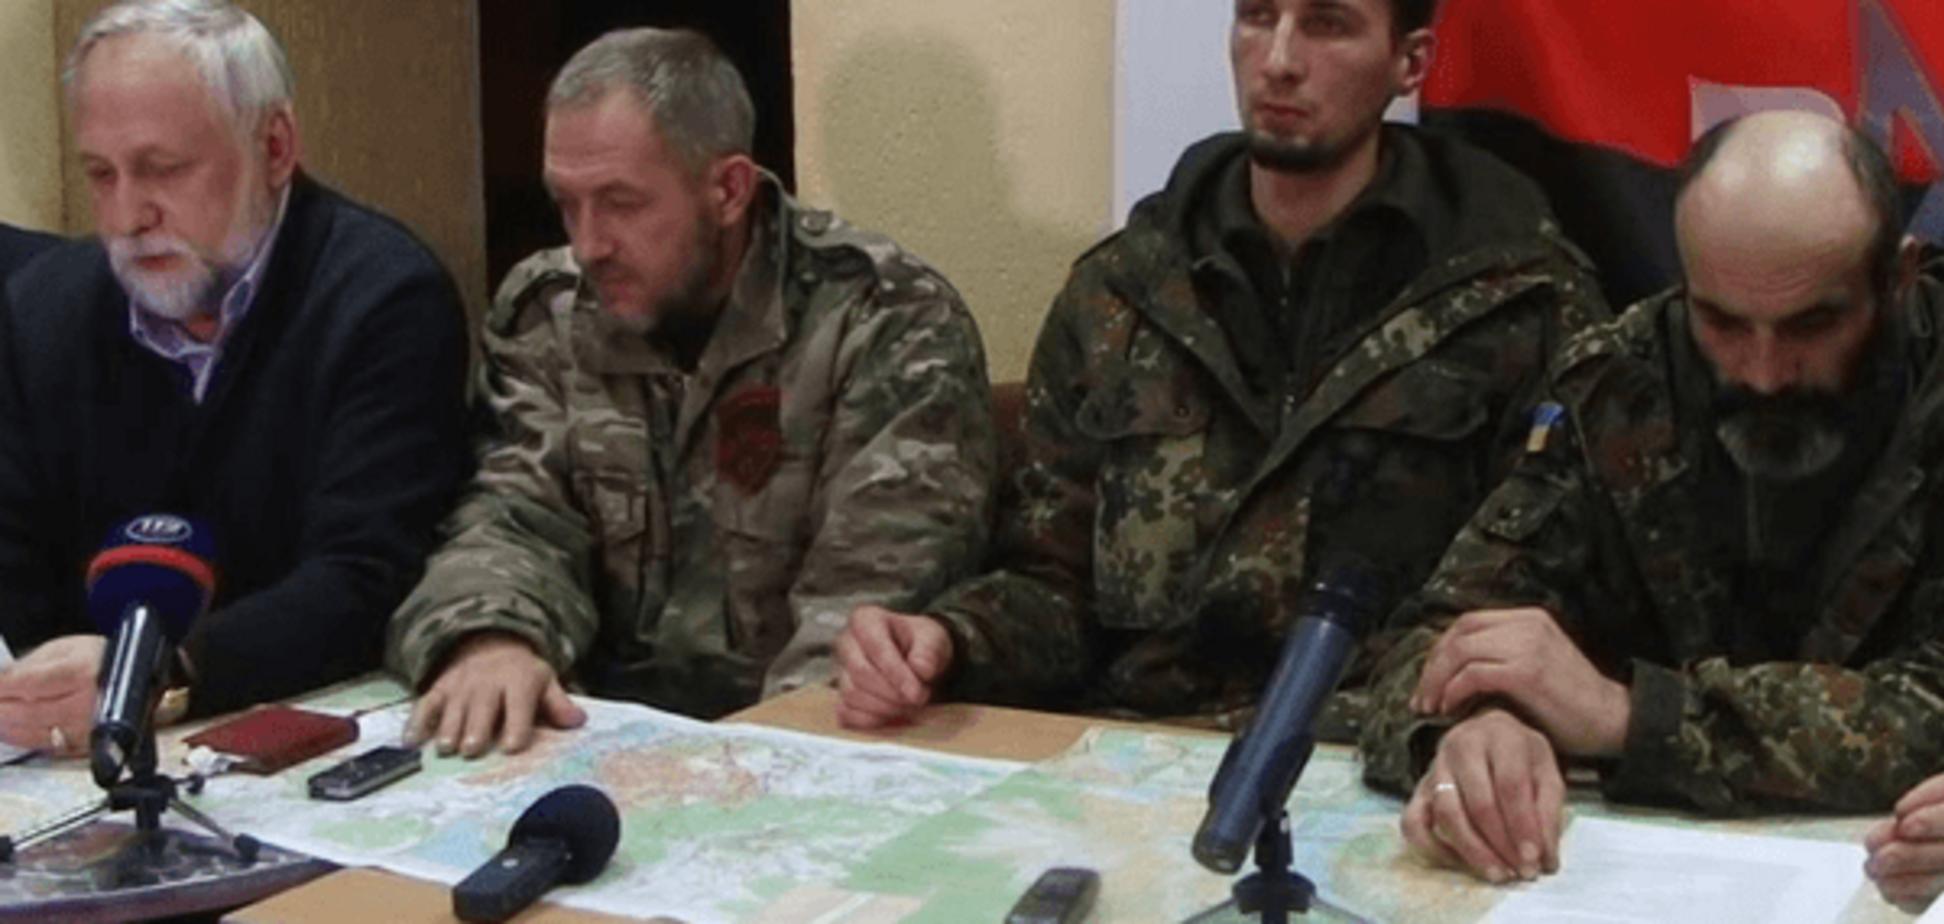 Захват отеля в Киеве: протестующие выдвинули свои требования